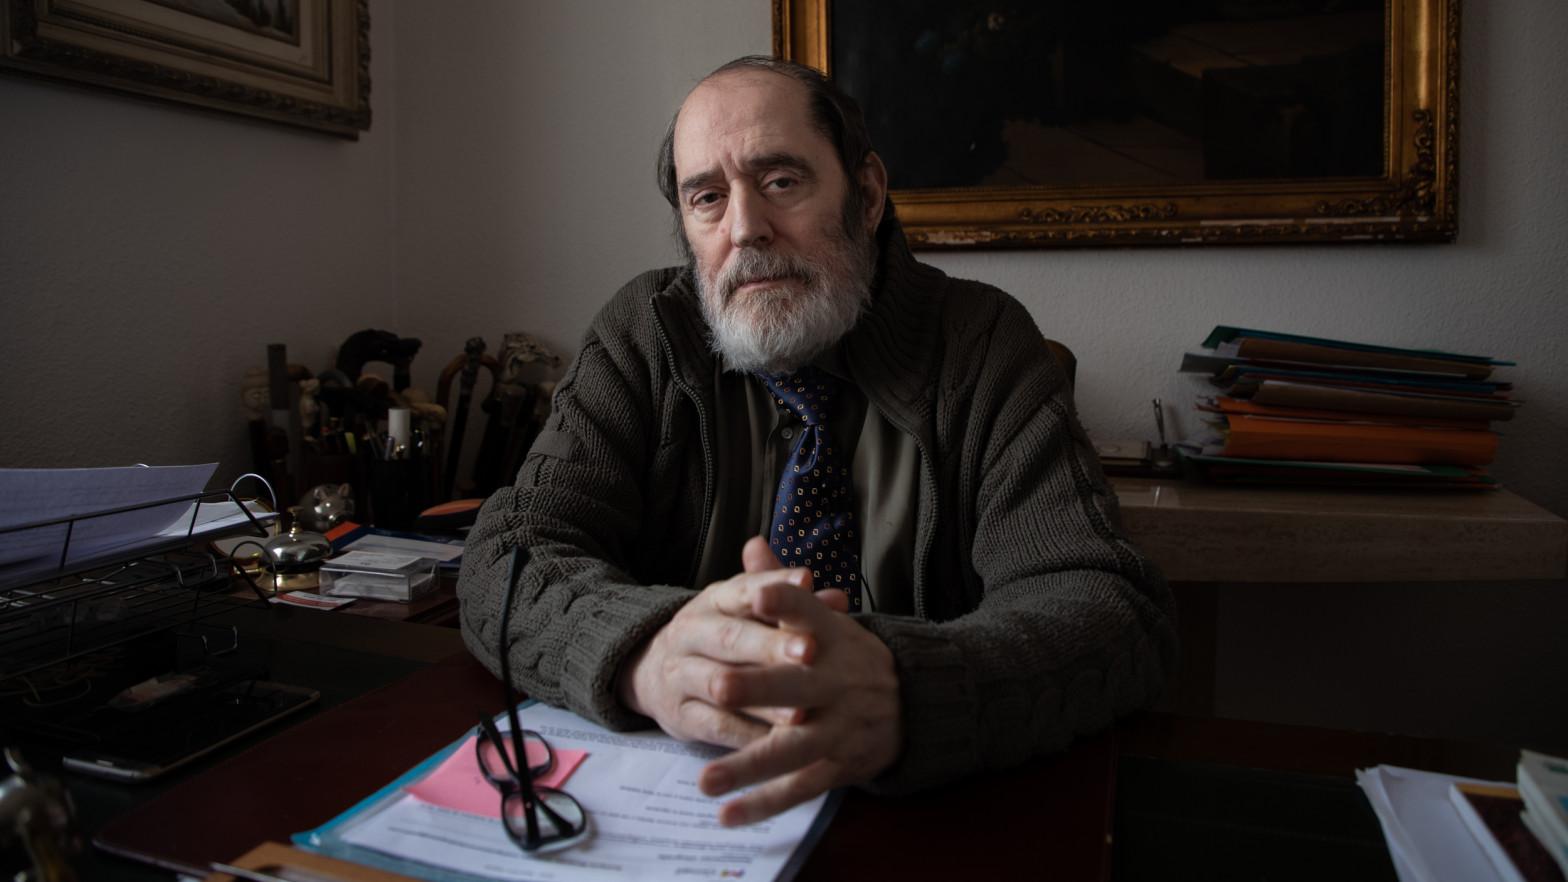 El fiscal pide cuatro años de cárcel para Rodríguez Menéndez por estafa con un falso negocio de petróleo